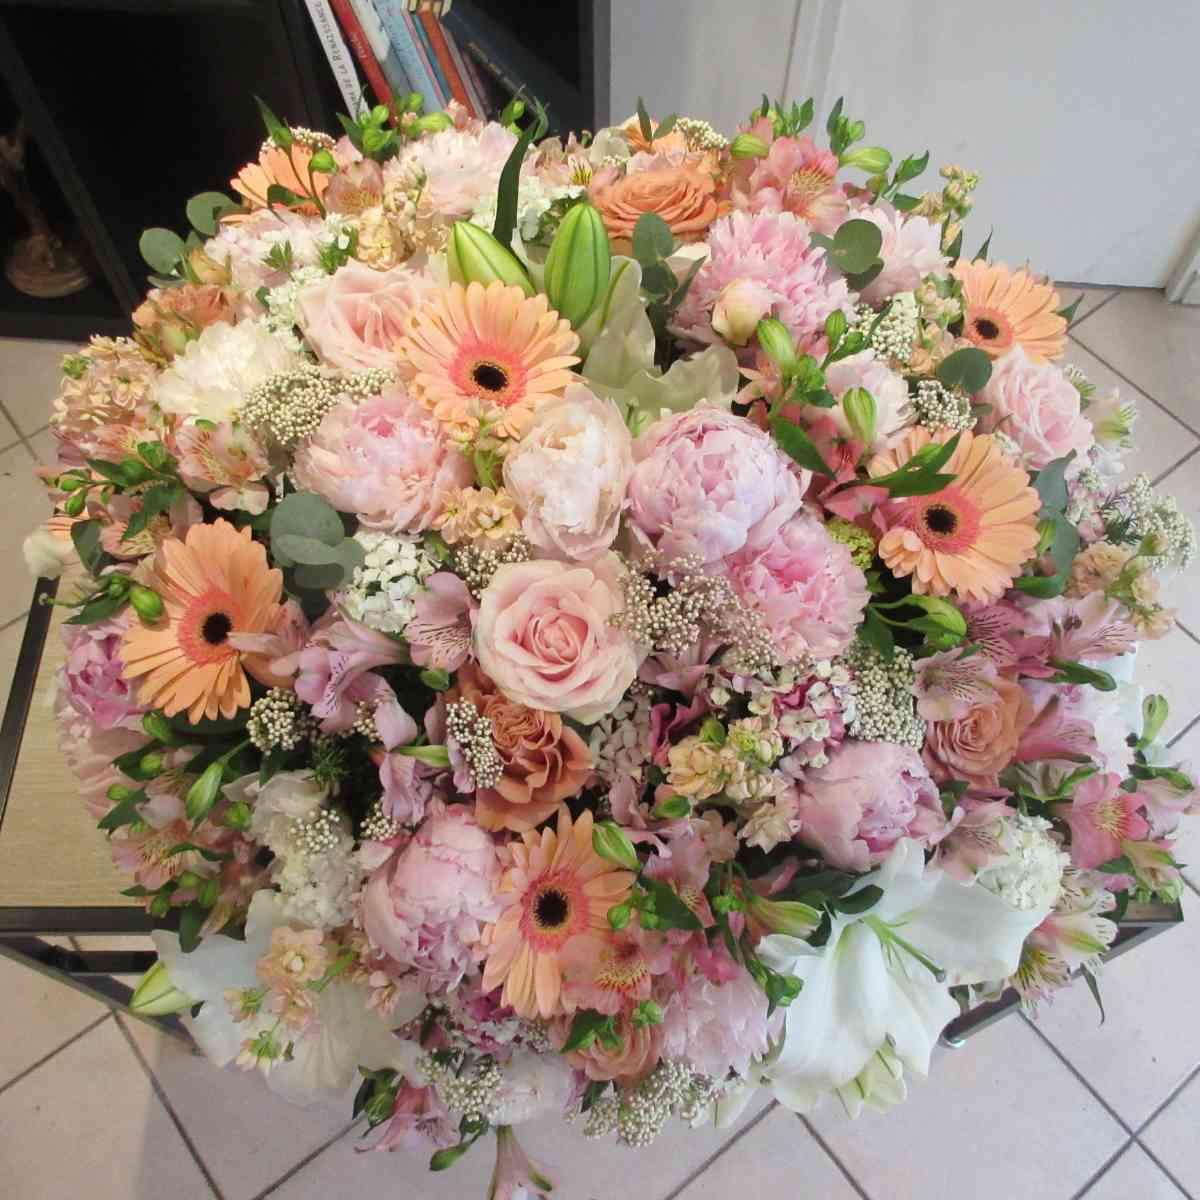 294 Décoration florale pour des évènements (mariage, anniversaire, etc.) | Aux Quatre Saisons à Boissy-Saint-Léger